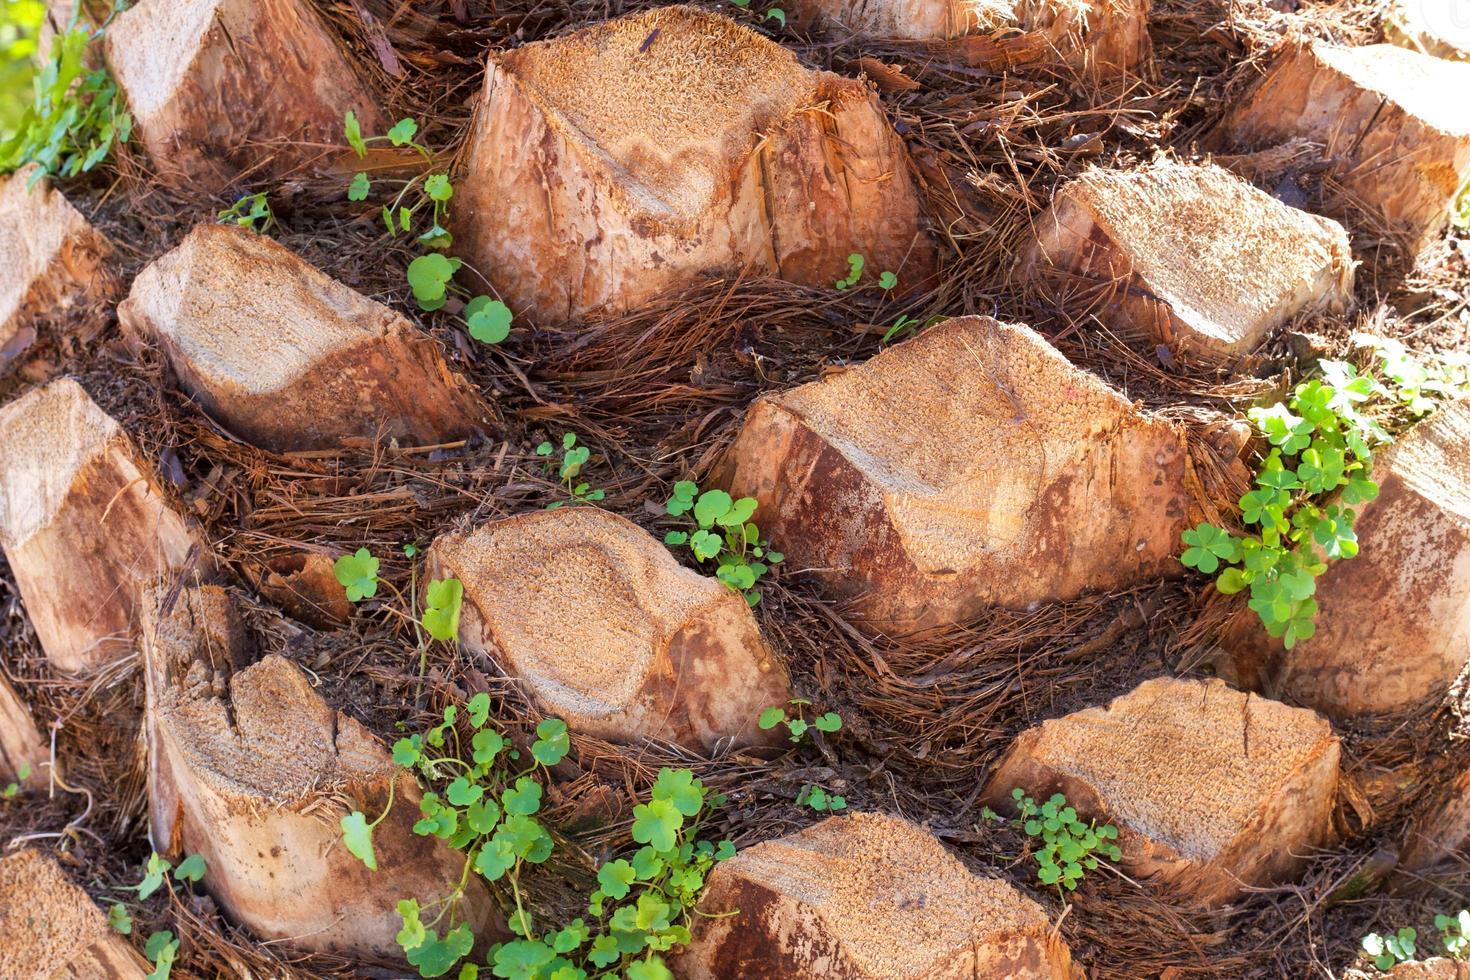 palmier se bouchent. photo